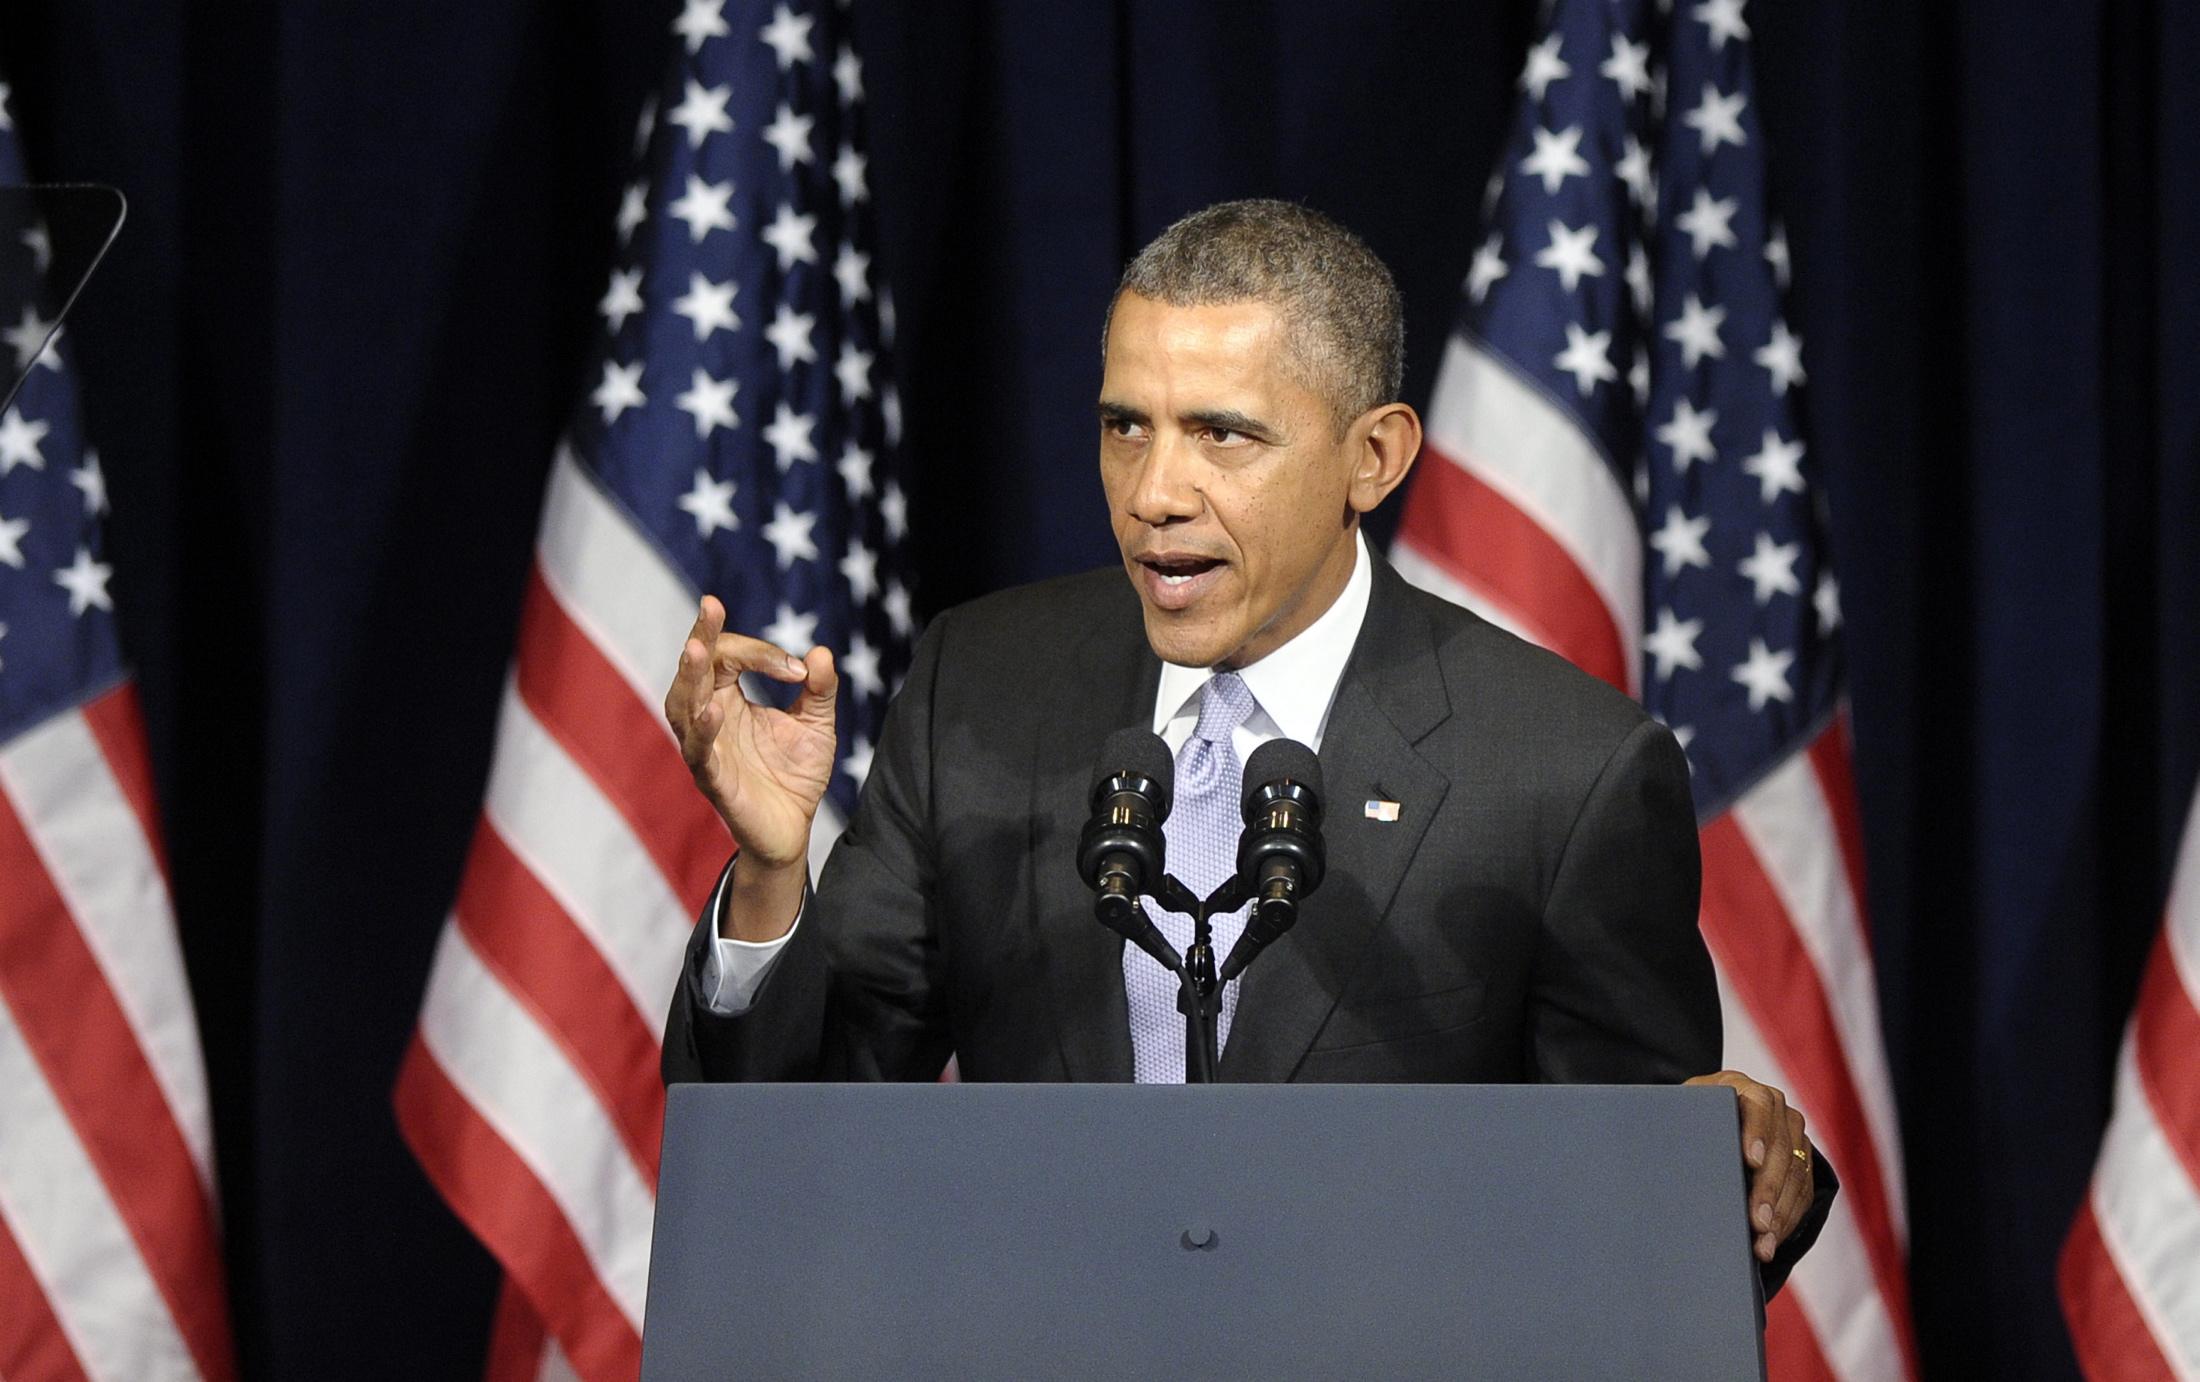 اوباما: ساقول لنتنياهو ان وقت اسرائيل بالتوصل لاتفاق على اساس دولتين اخذ بالنفاذ